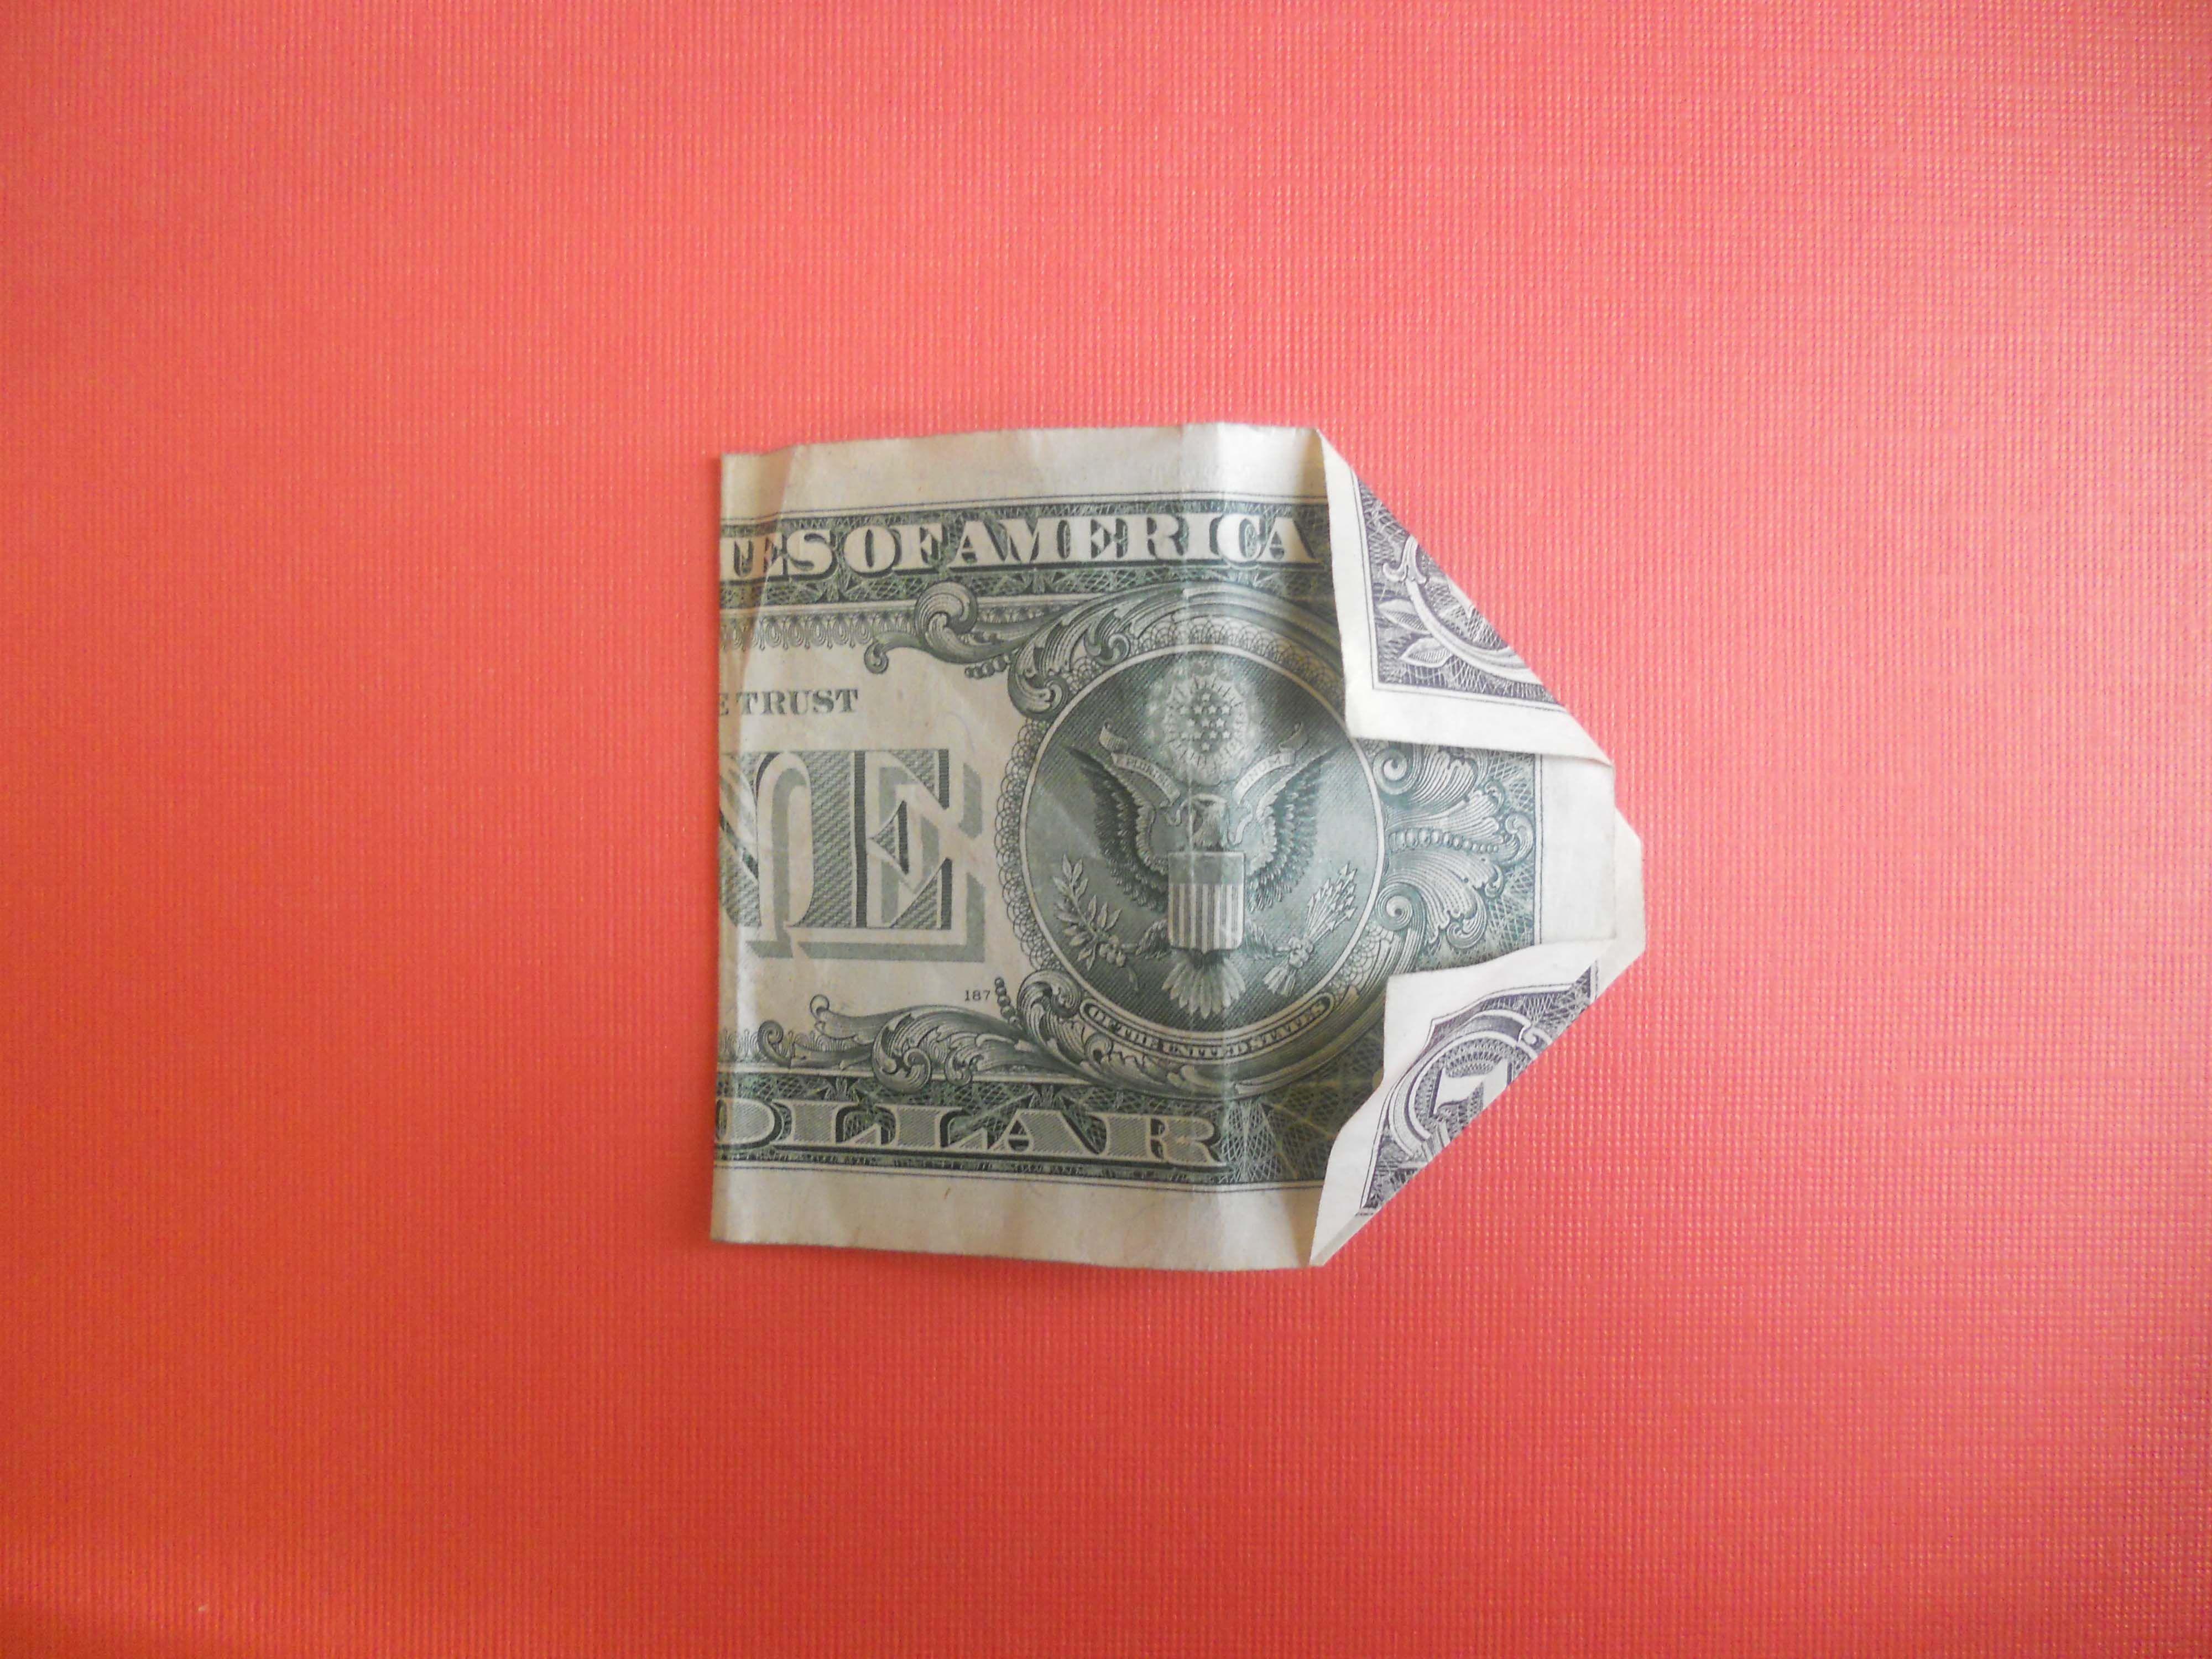 Dollar Bill Origami Money Origami Heart Instructions